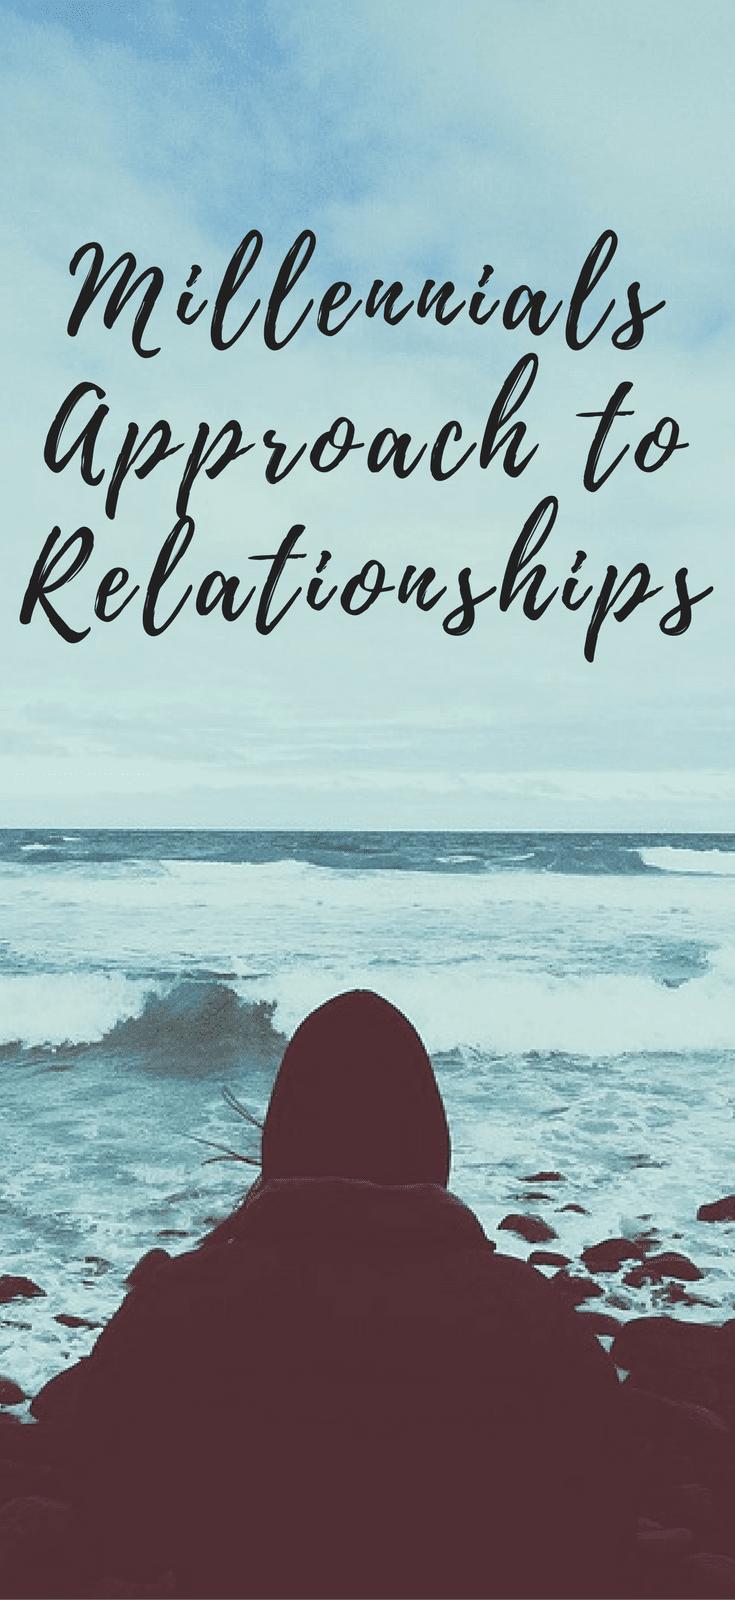 Millennials Approach to Relationships